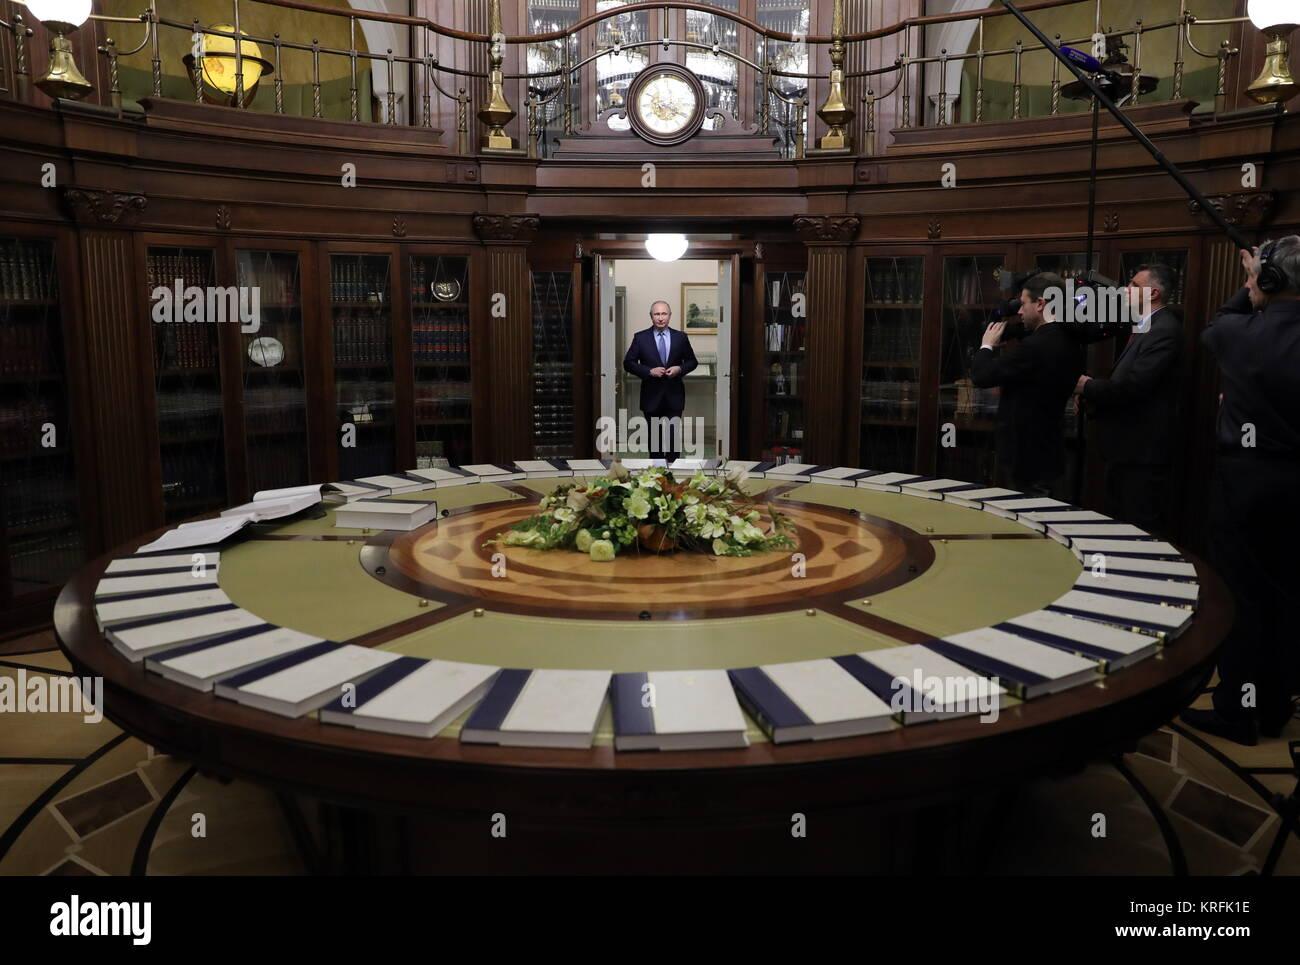 Moscou, Russie. Déc 20, 2017. Le Président de la Russie Vladimir Poutine vues 35 volumes de la grande Encyclopédie Banque D'Images